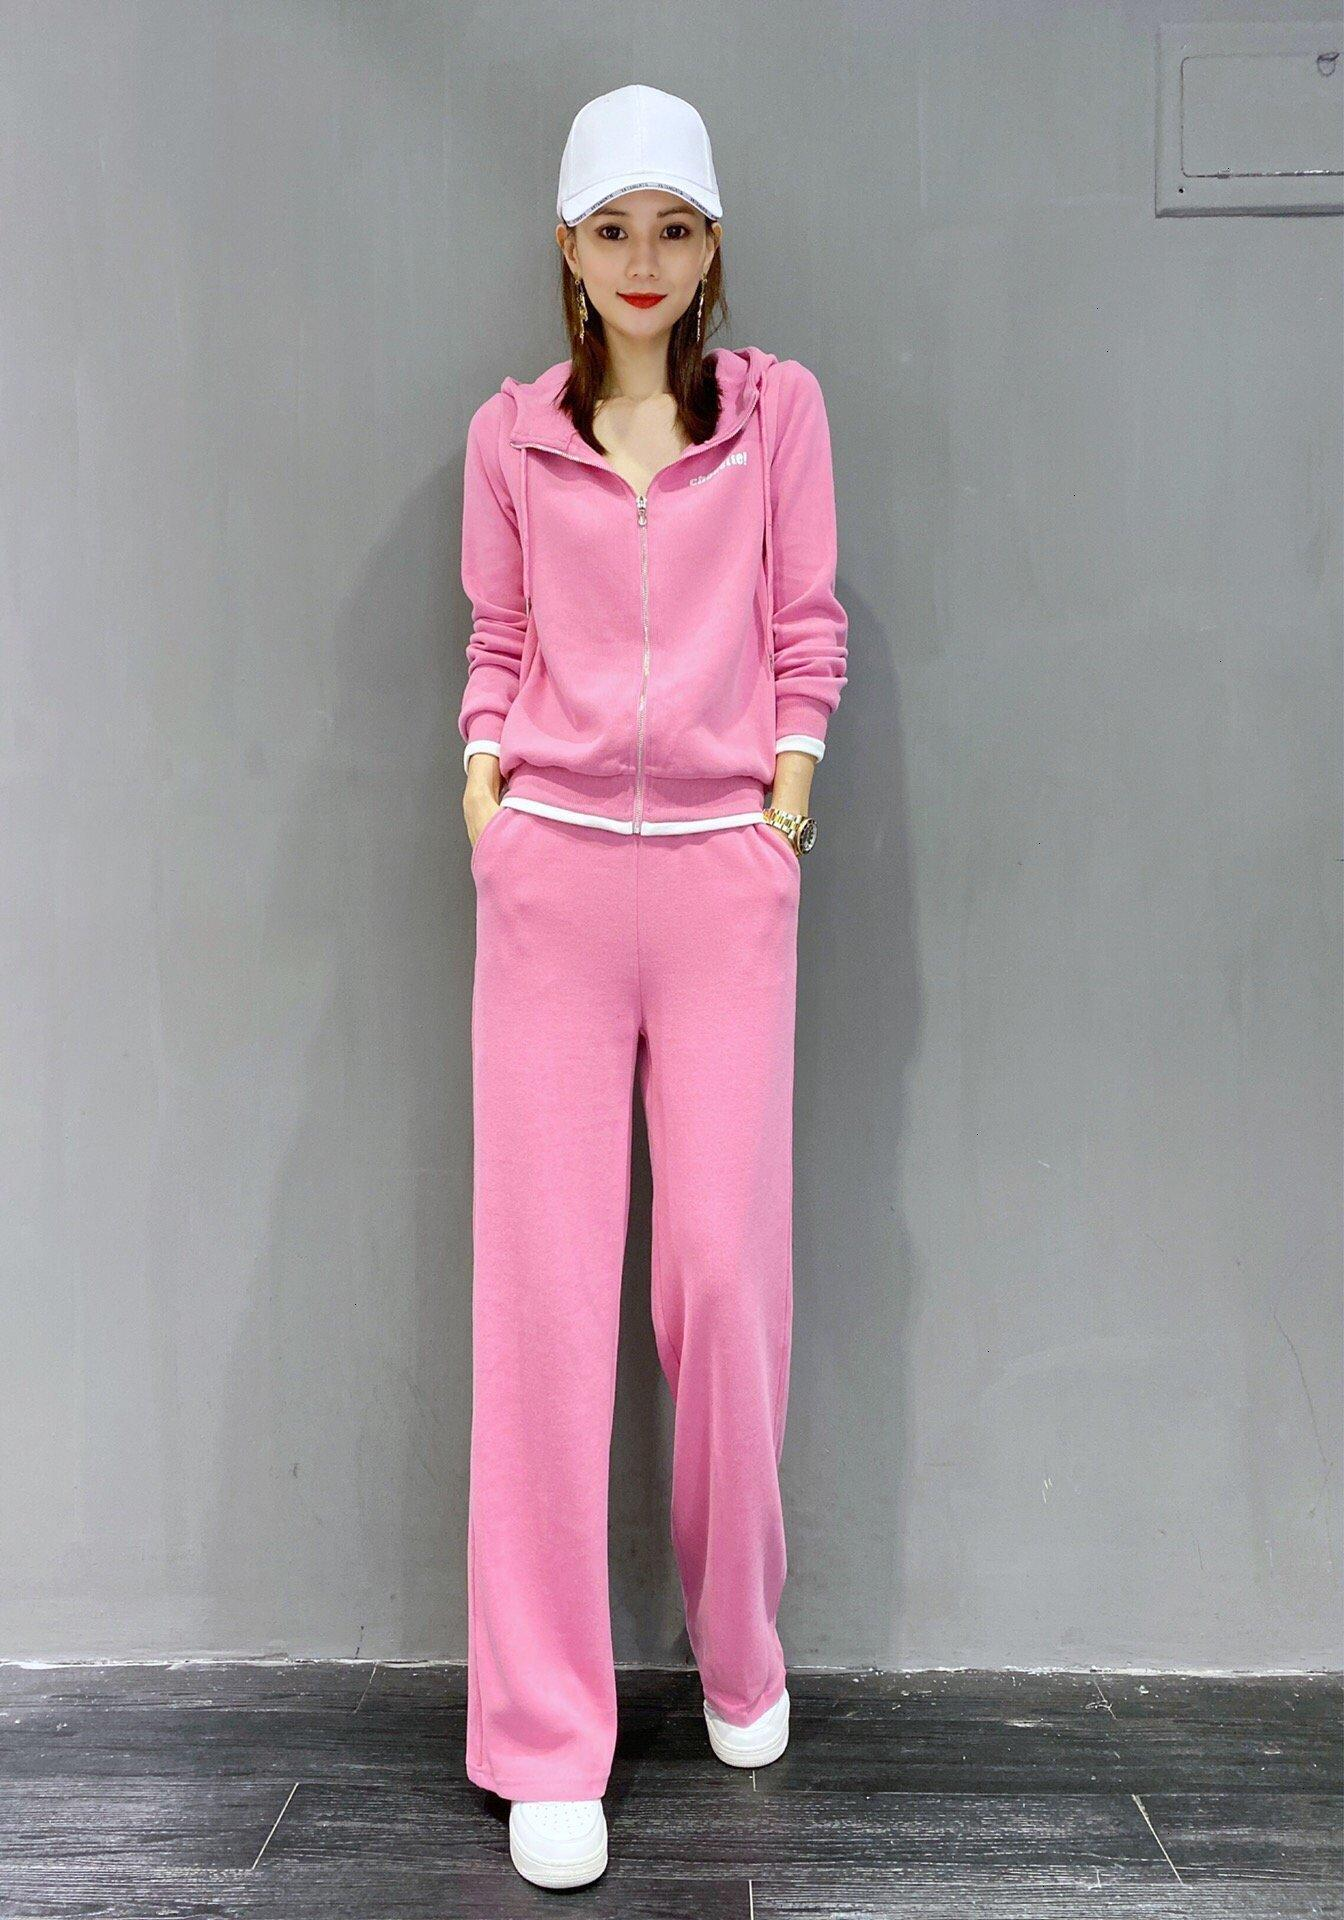 Designer Frauen Outfits Frauen zweiteilige Outfits Designer Lieblings besten gehetzt bester Verkauf 2020 neue elegante moderne styleF7QLcFCNZJA0URJRSXLF2